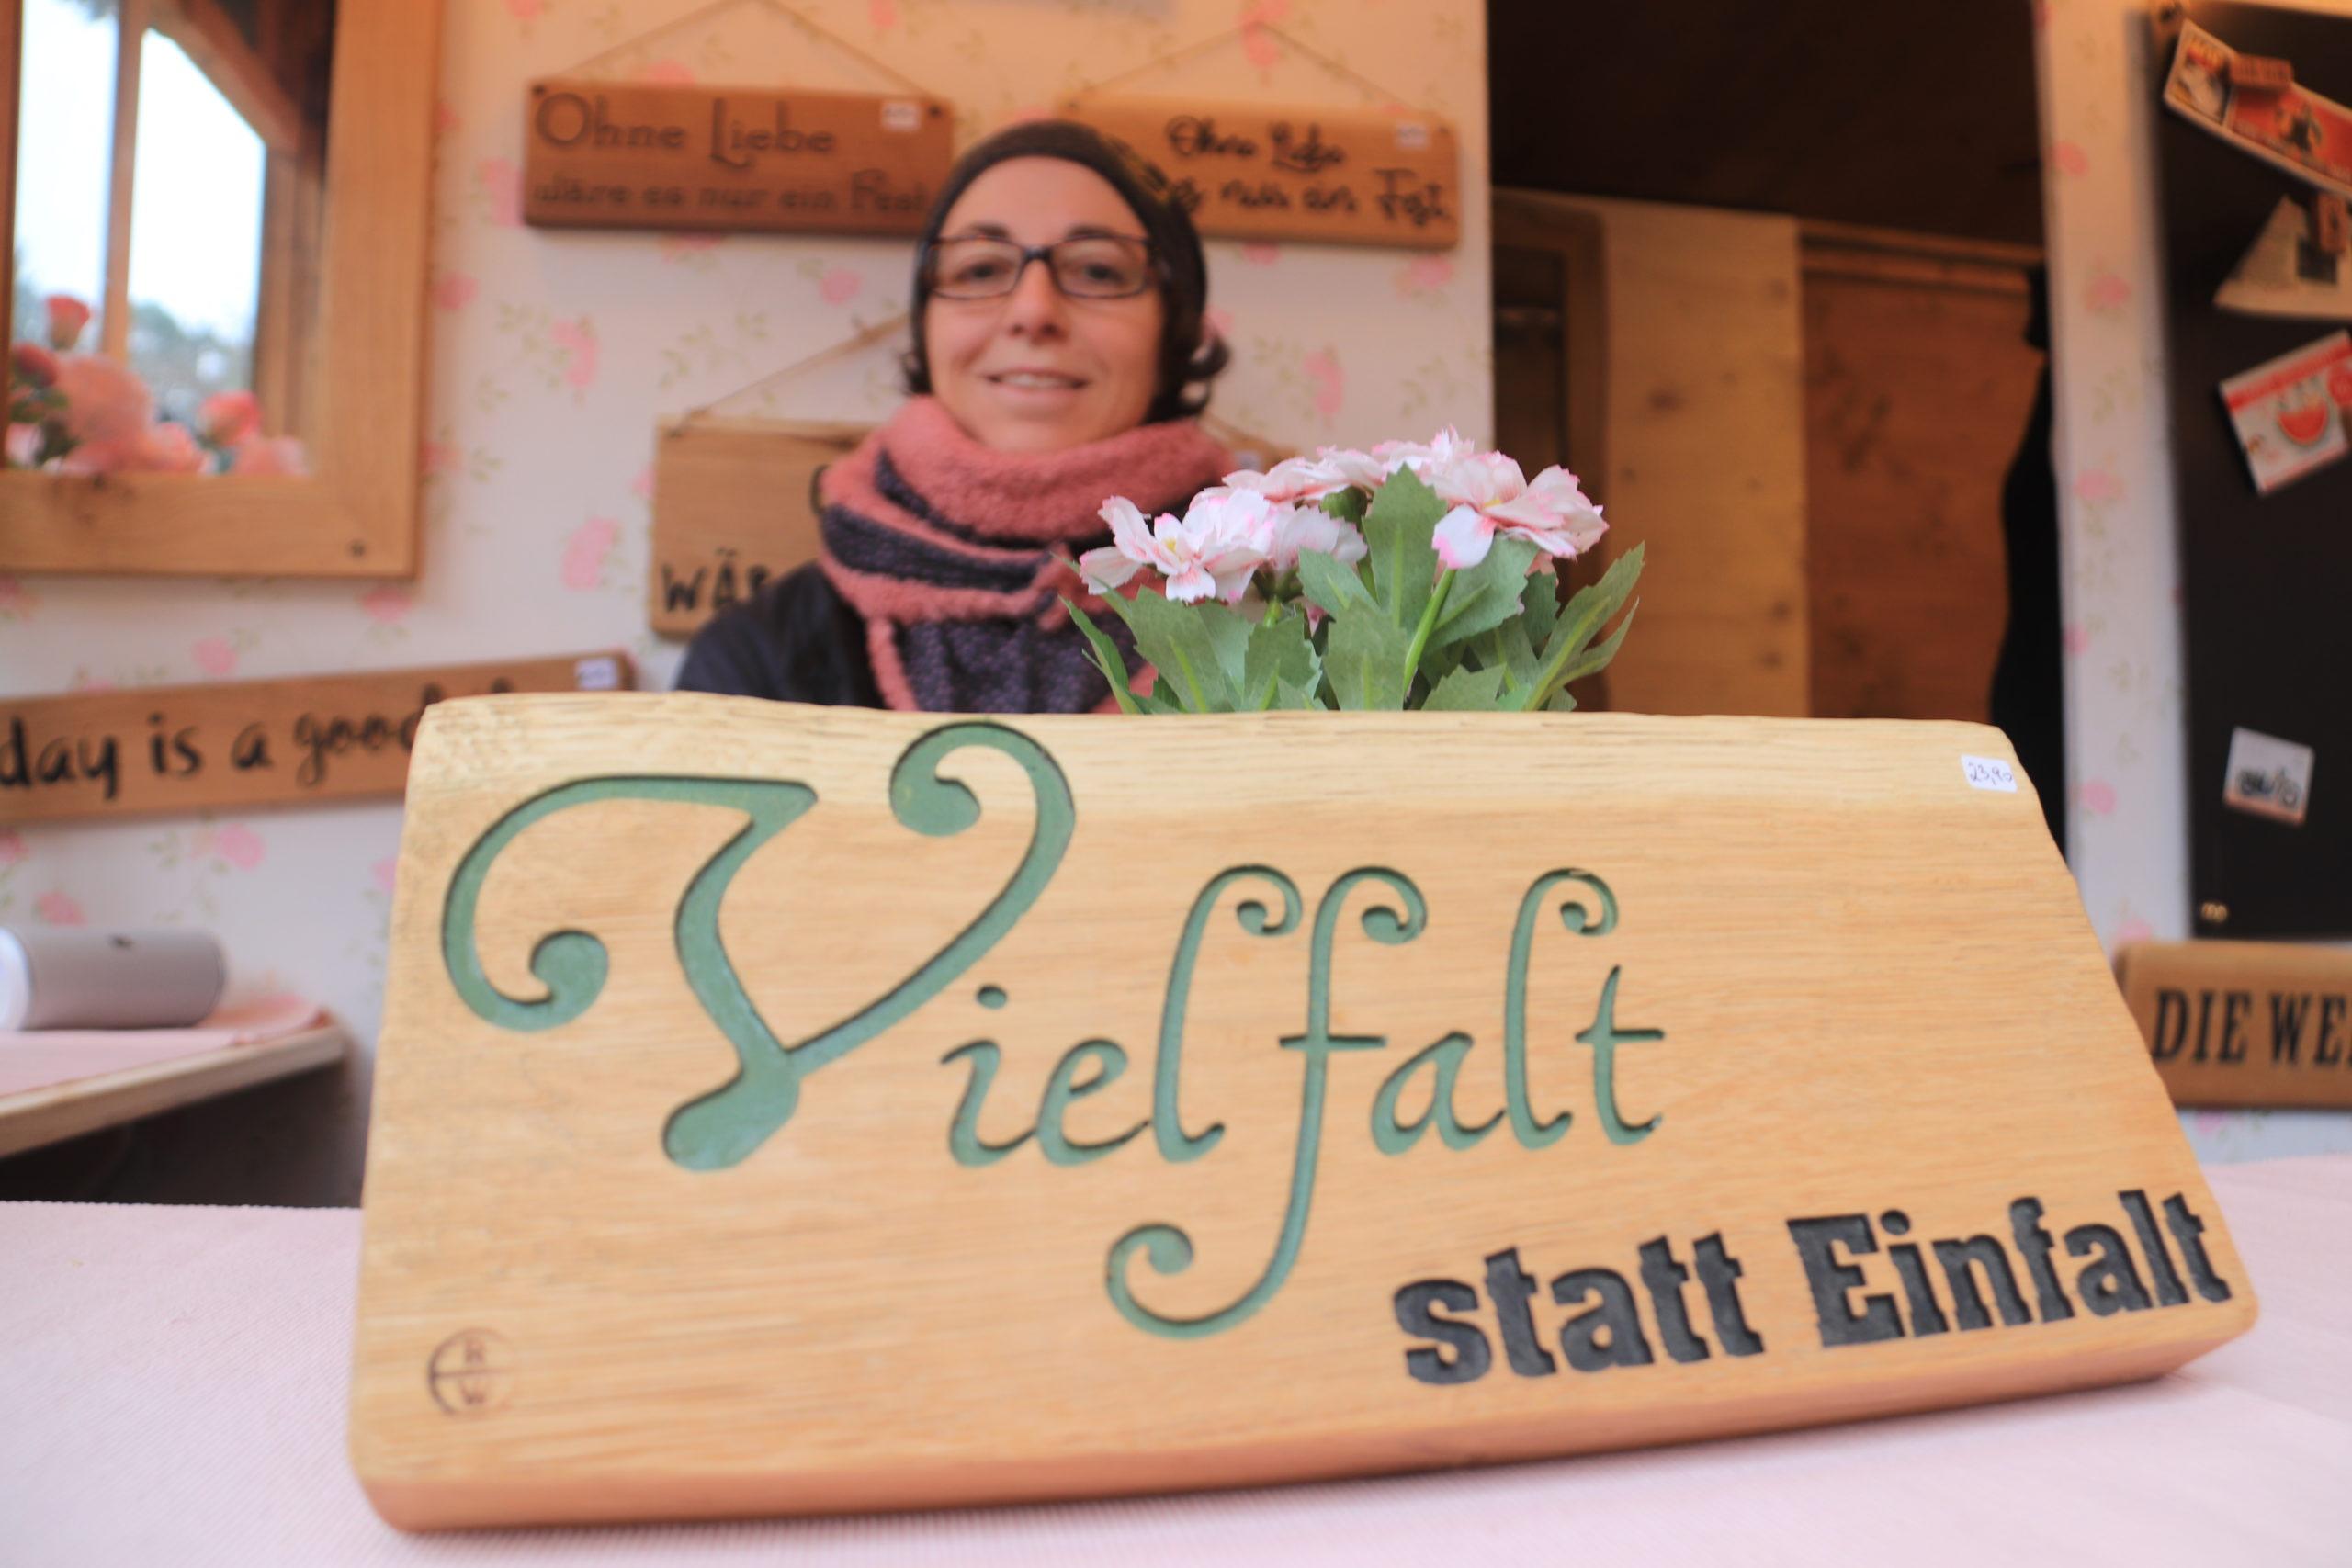 © Martina Egger -Nici Ulich am Stand beim Hellbrunner Adventzauber. Romanswerk findet man aber auch auf anderen Kunsthandwerksmärkten in Salzburg.